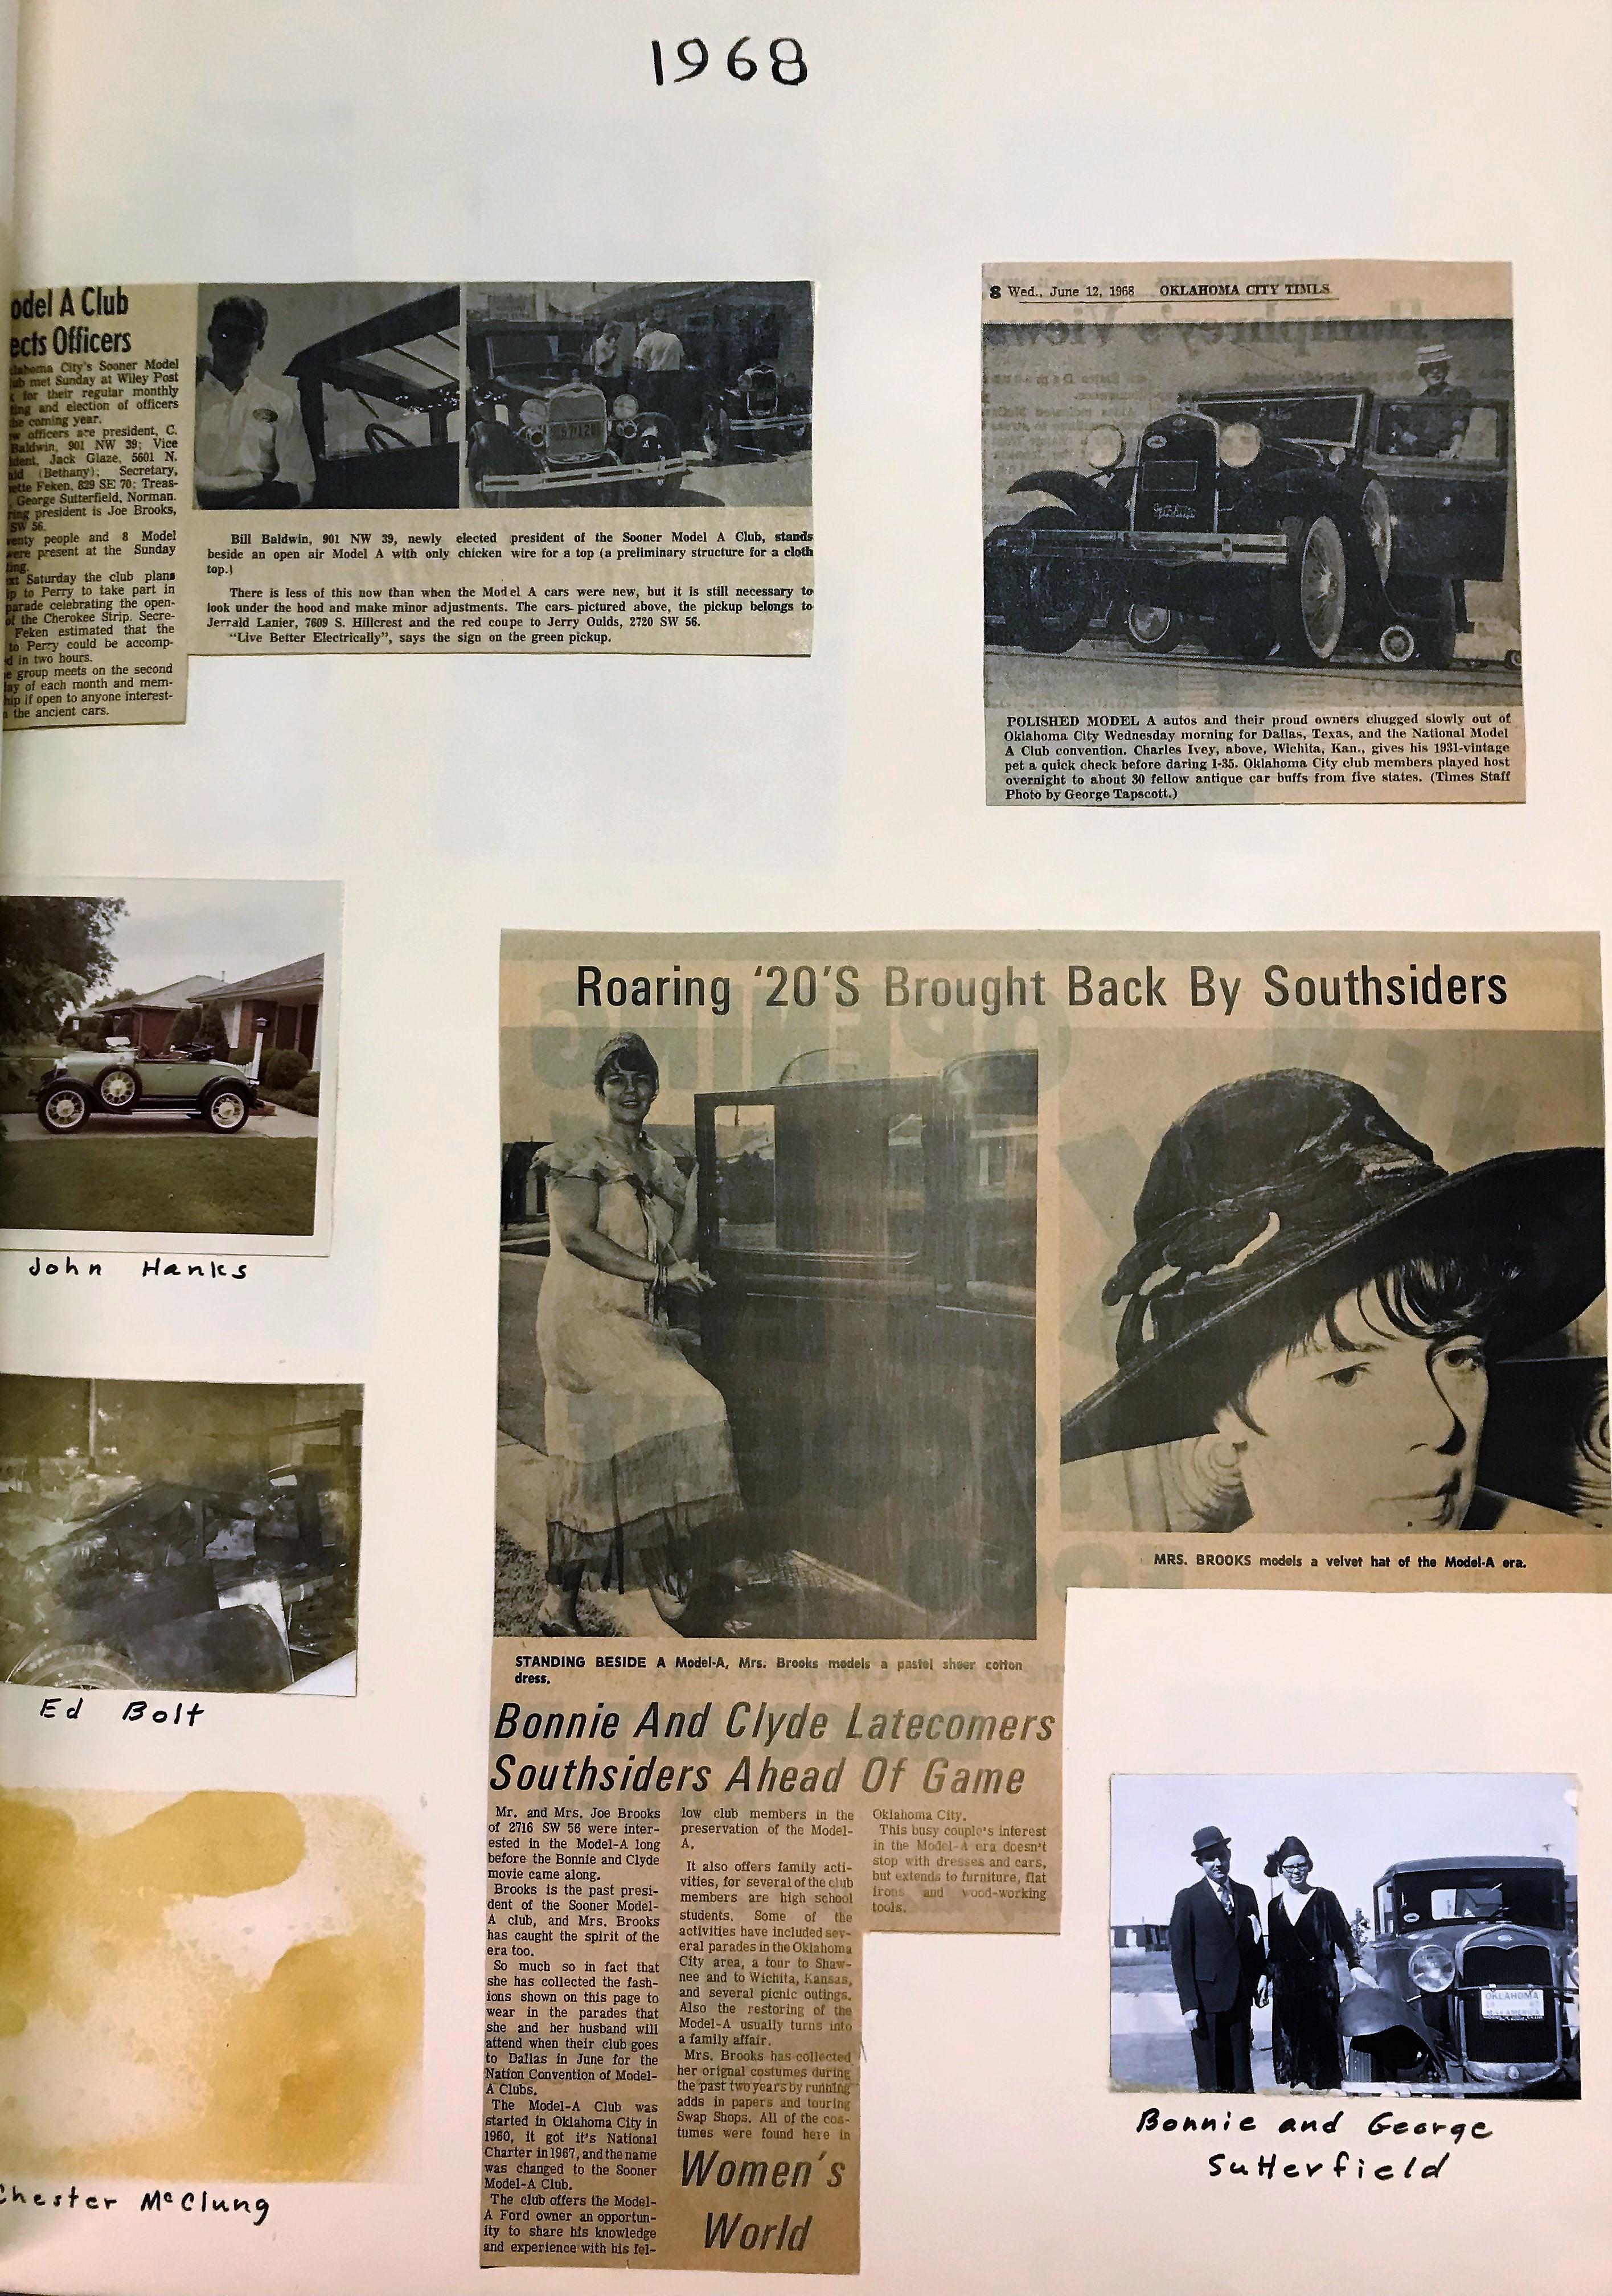 1968 Activities